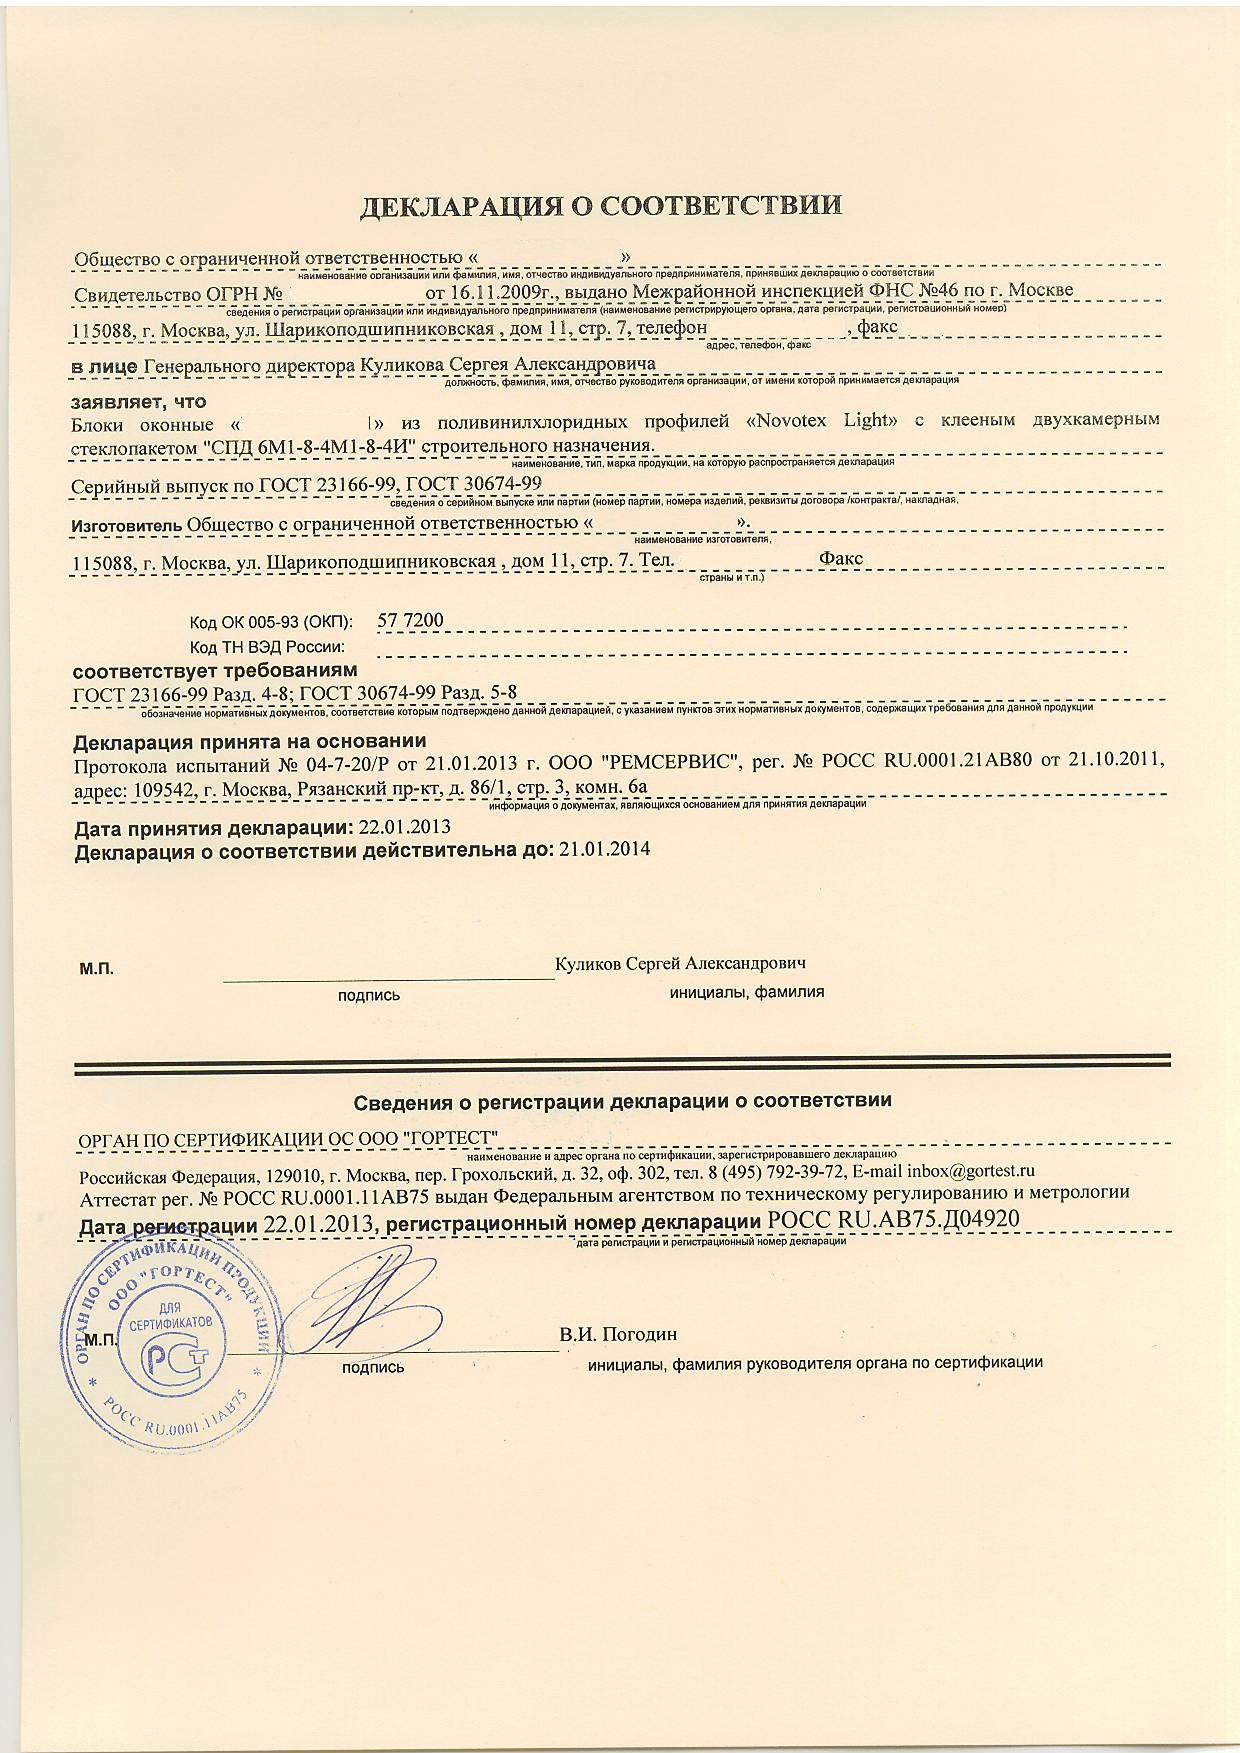 https://spbcsm.ru/sertifikaciya-i-deklarirovanie-produkcii/deklaraciya-gost-r/#content